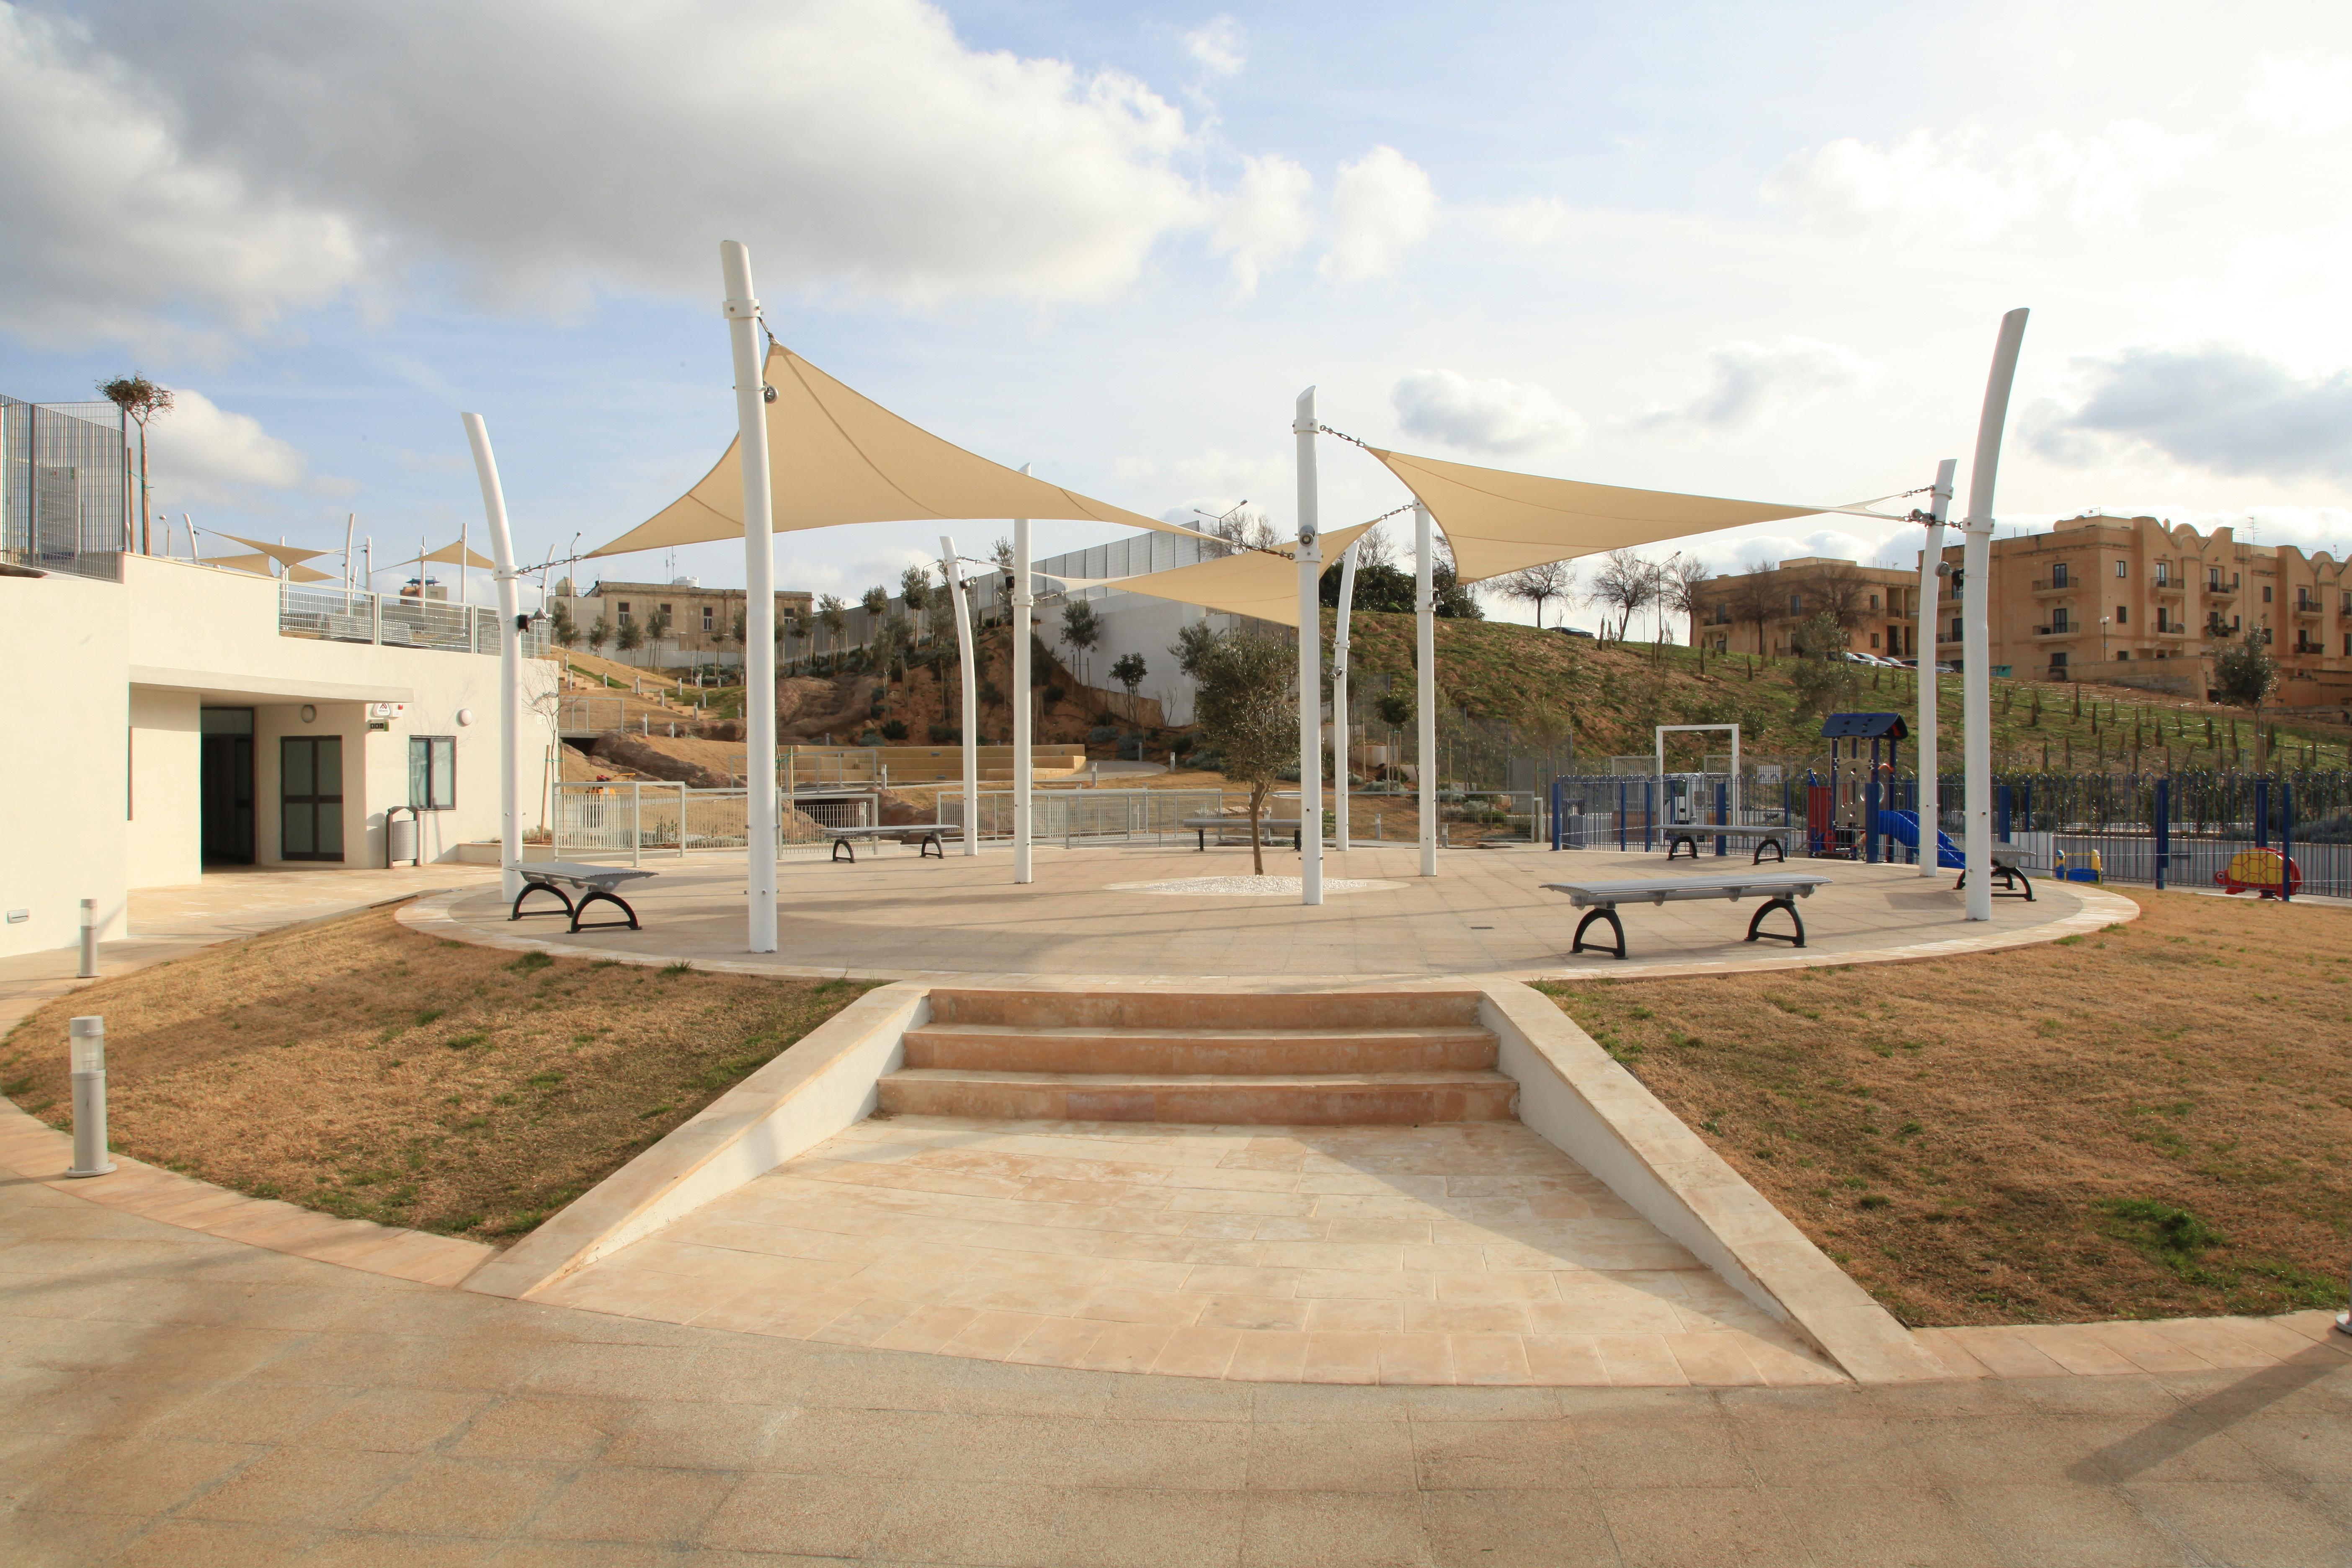 File:Malta - Pembroke - Triq Pietro D\'Armenia - Pembroke Gardens 07 ...